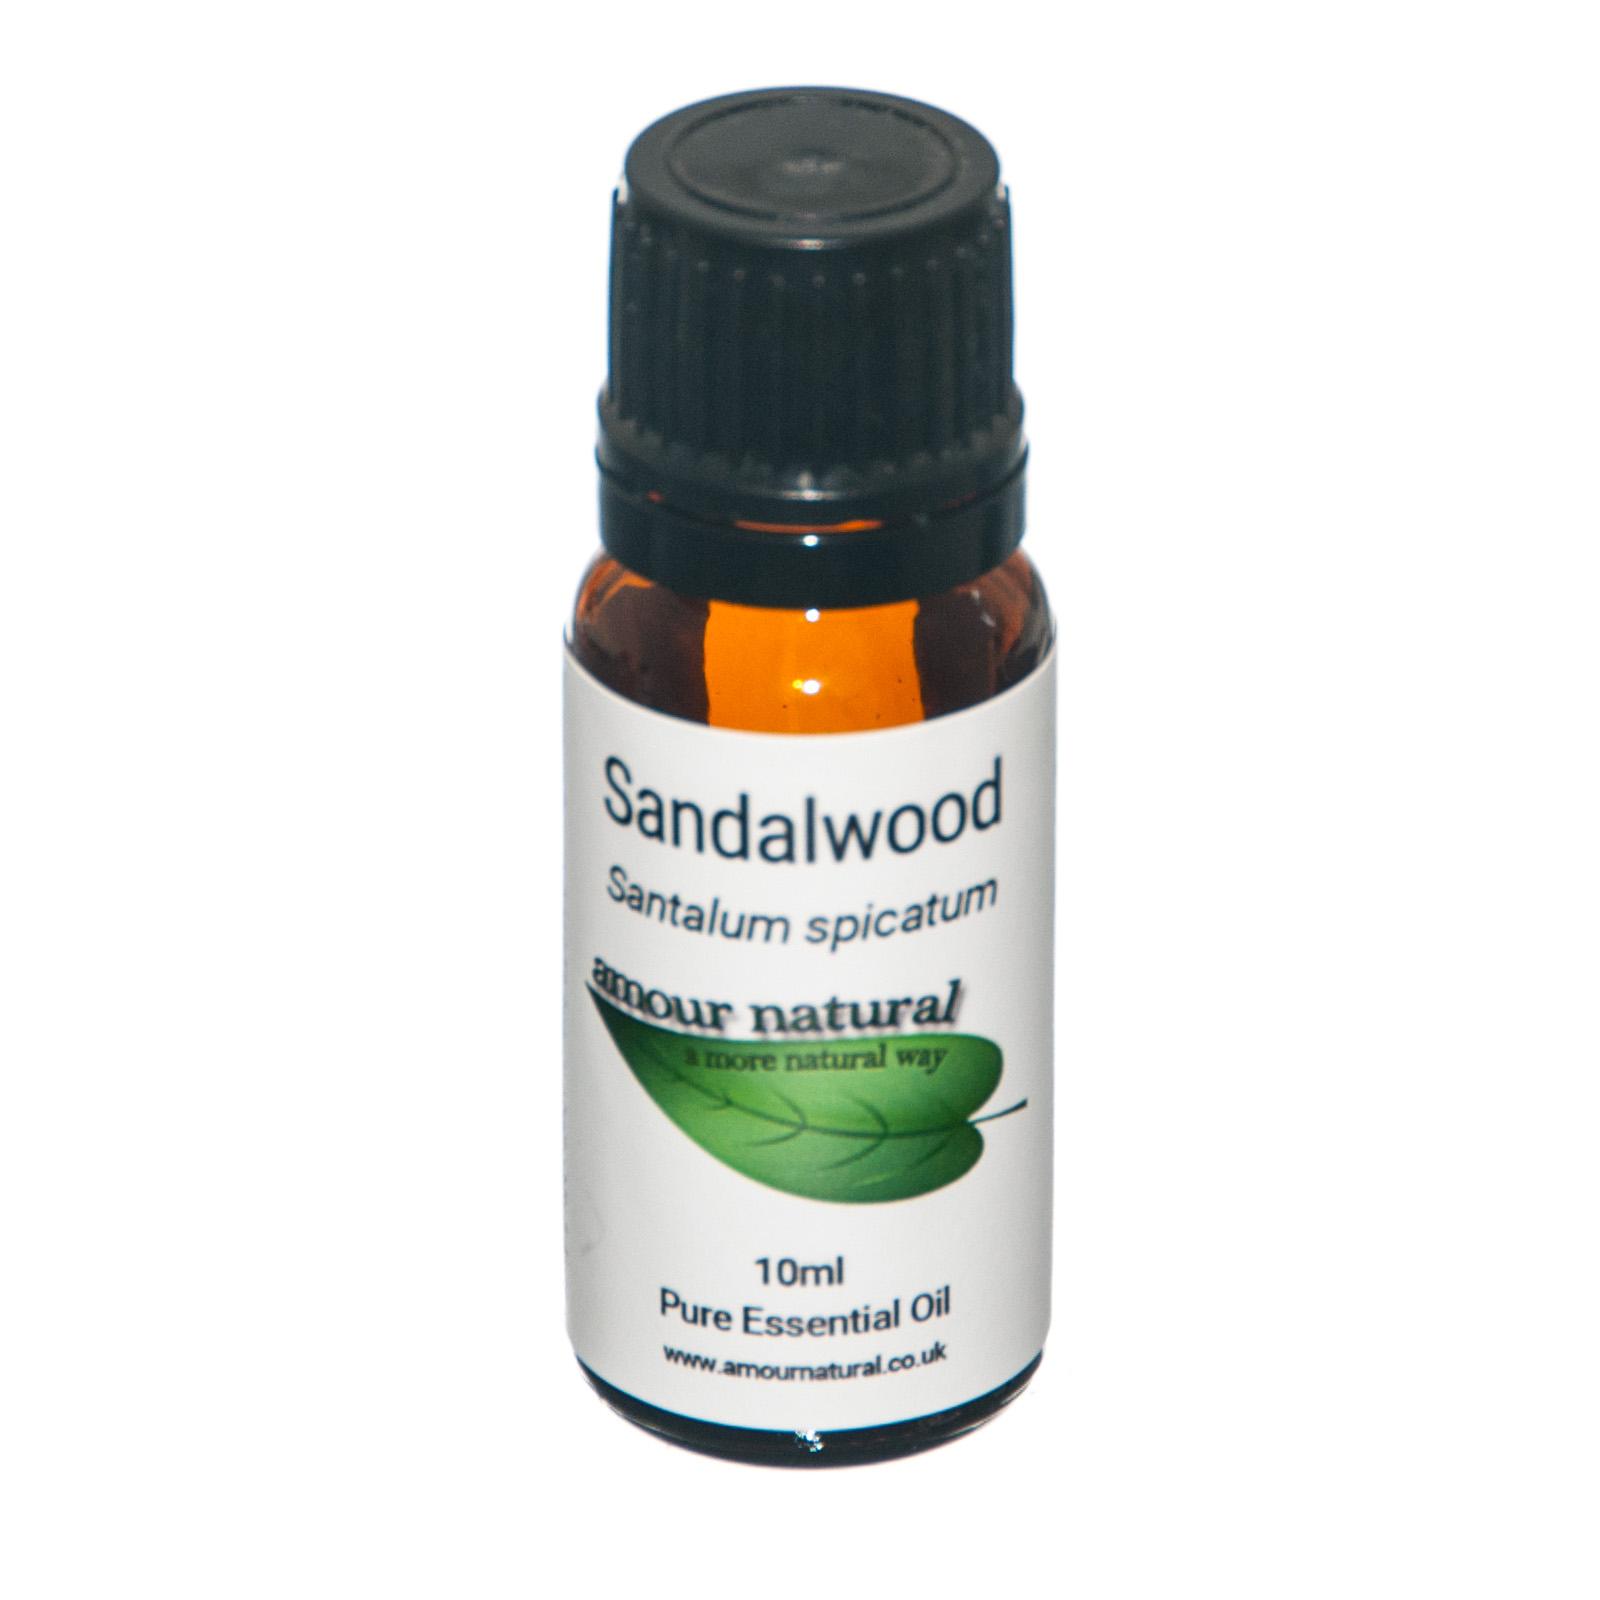 Sandalwood 10ml